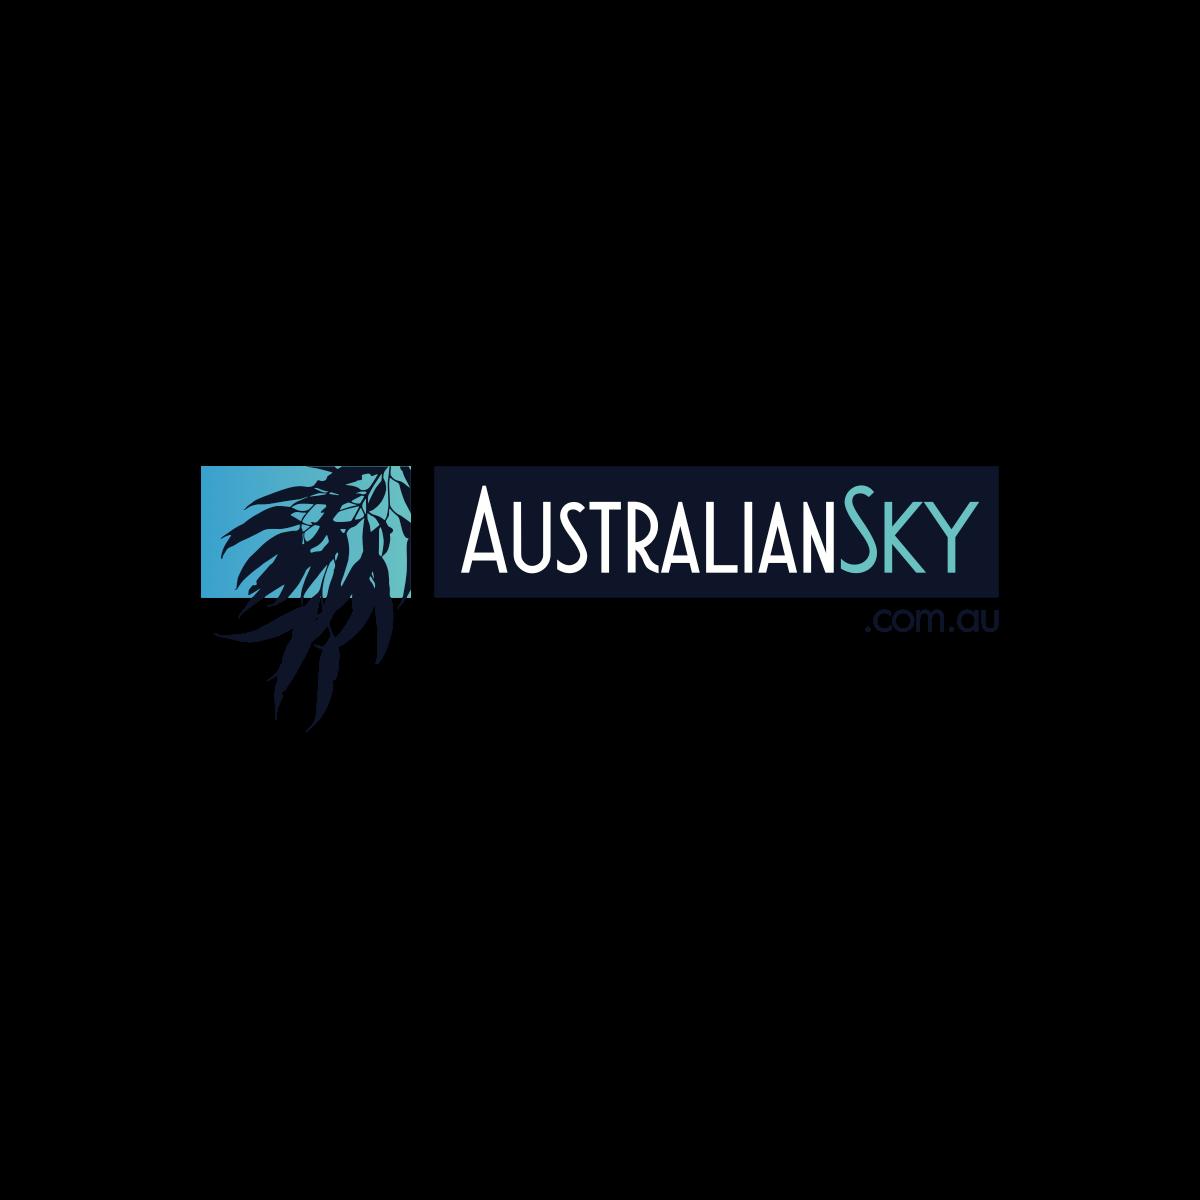 AustralianSky.com.au